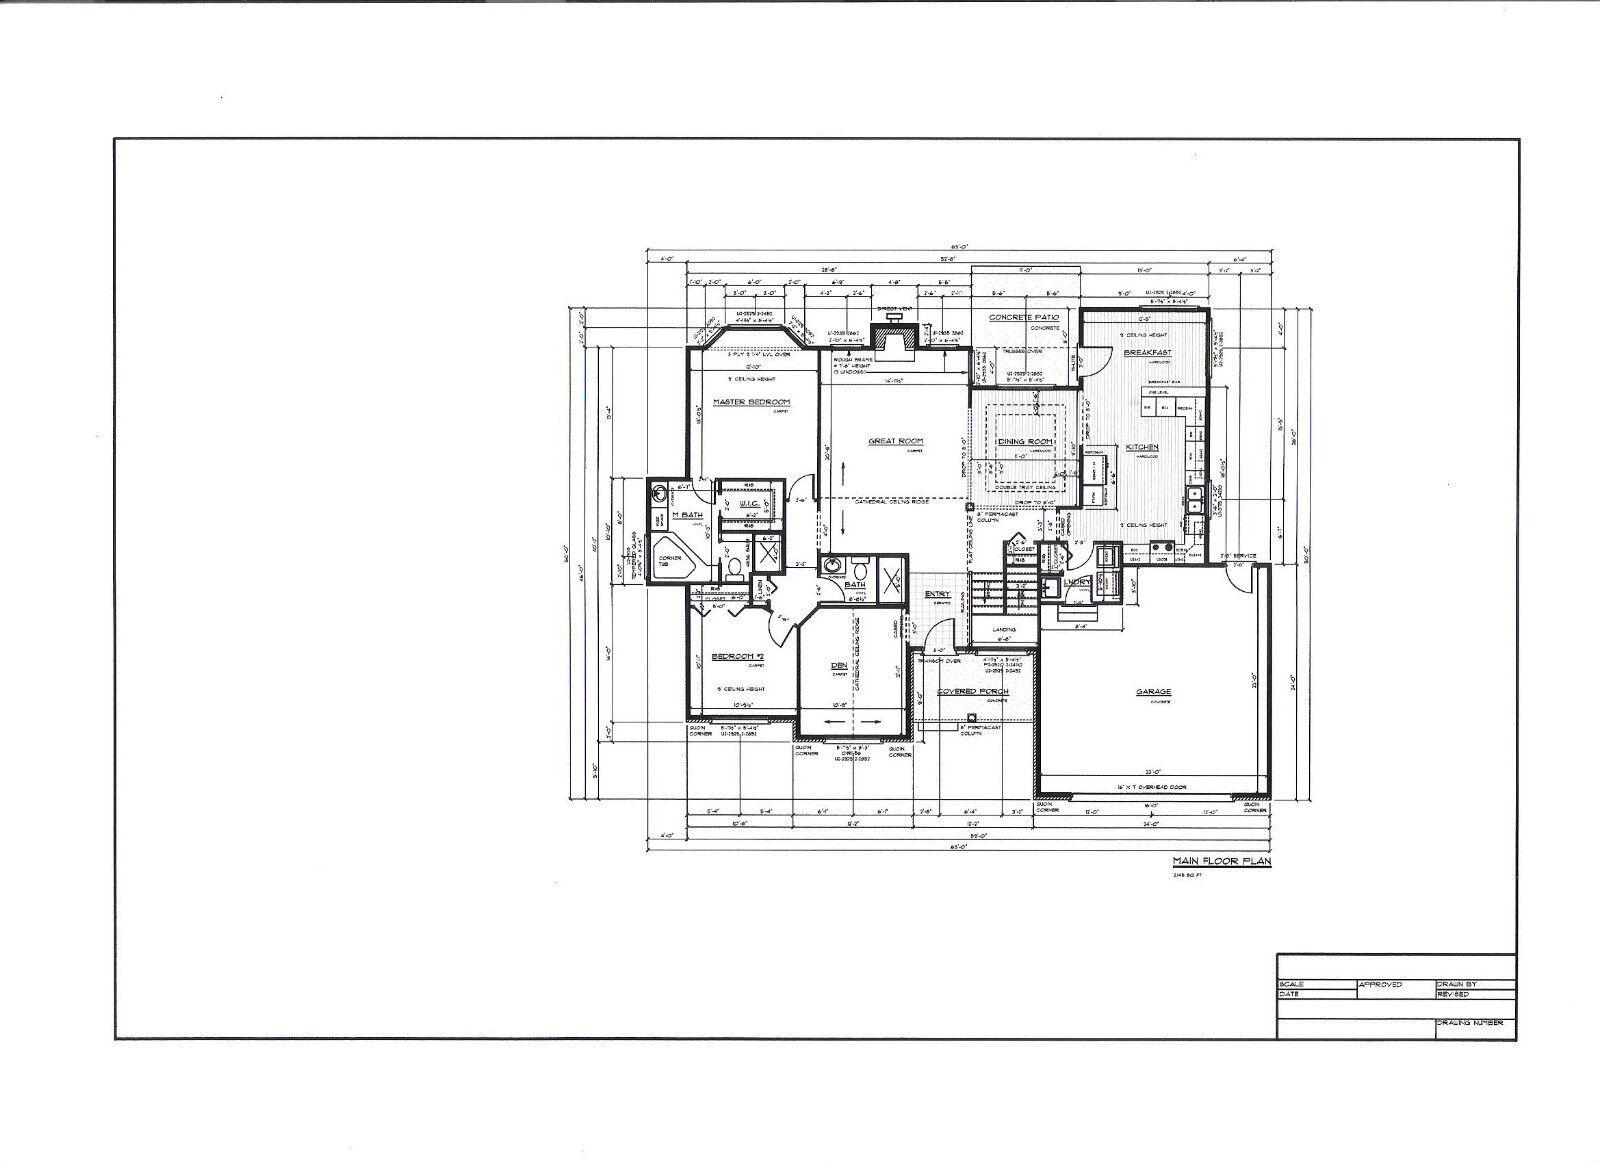 Full set of single story 3 bedroom house plans 2 145 sq ft for House plan set